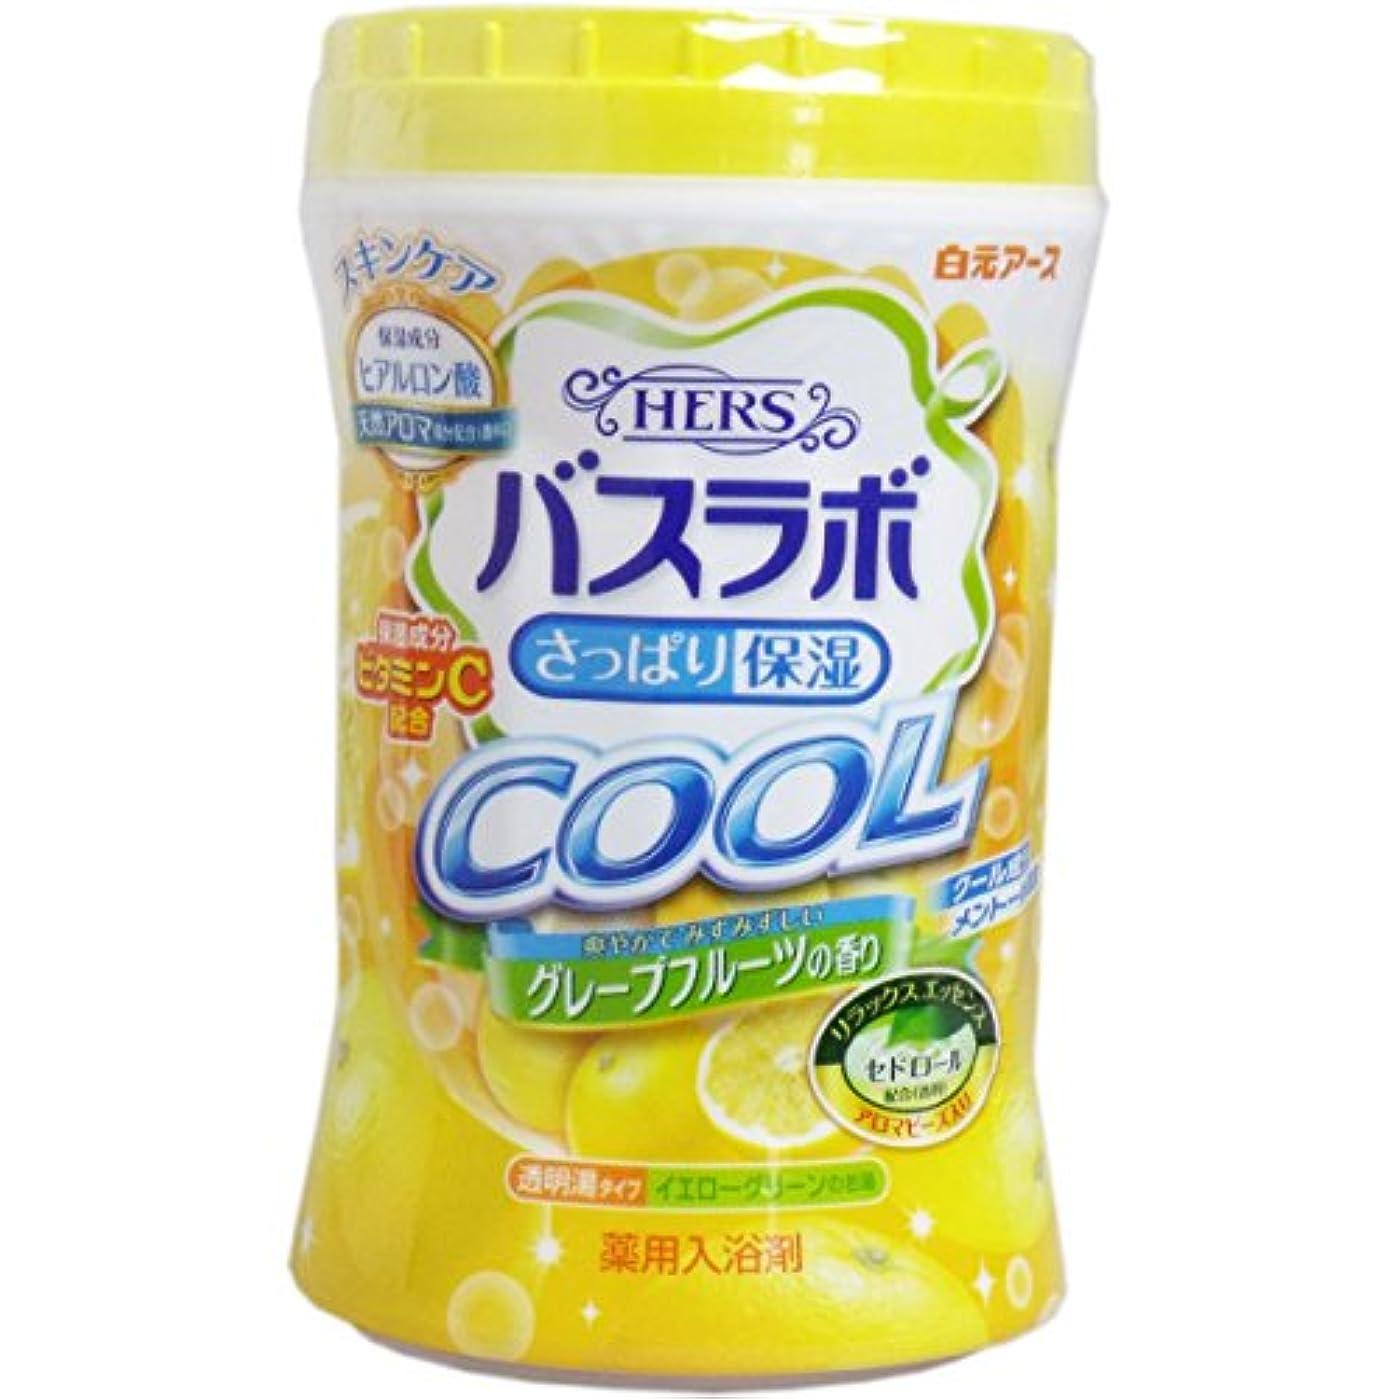 遡る増幅する職業HERSバスラボ ボトル クール グレープフルーツの香り 640g